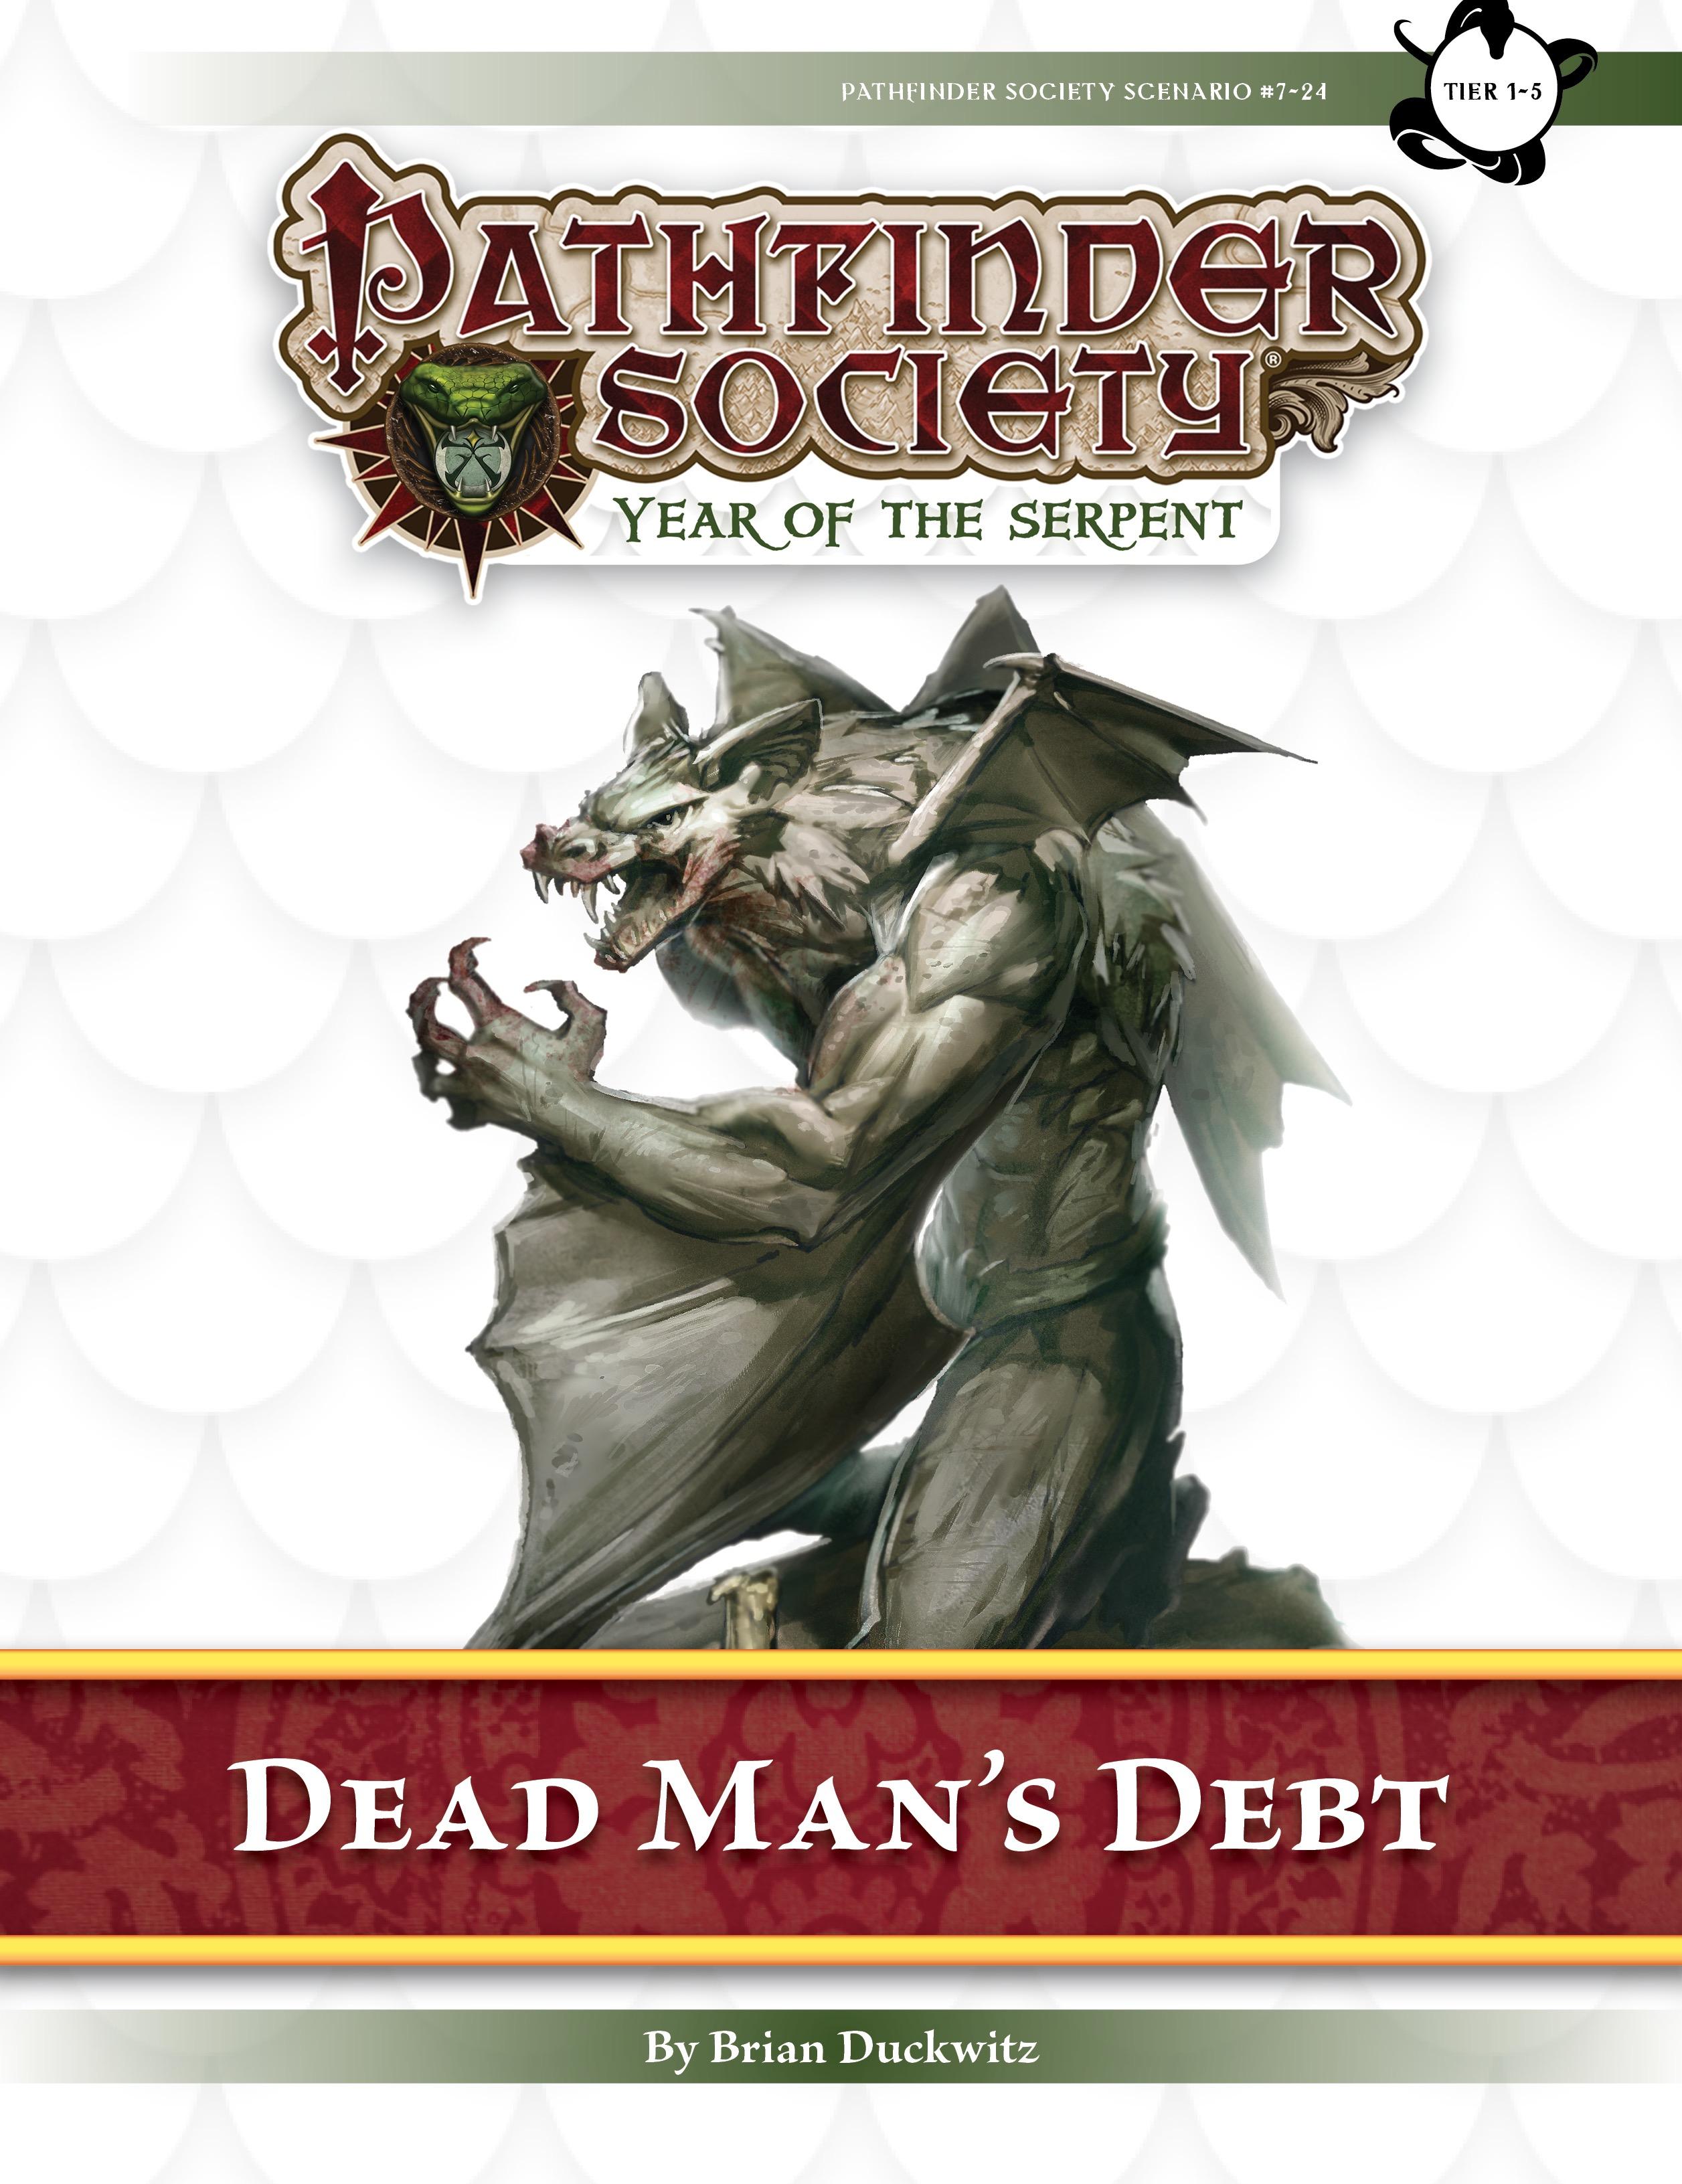 Paizo Com Pathfinder Society Scenario 7 24 Dead Man S Debt